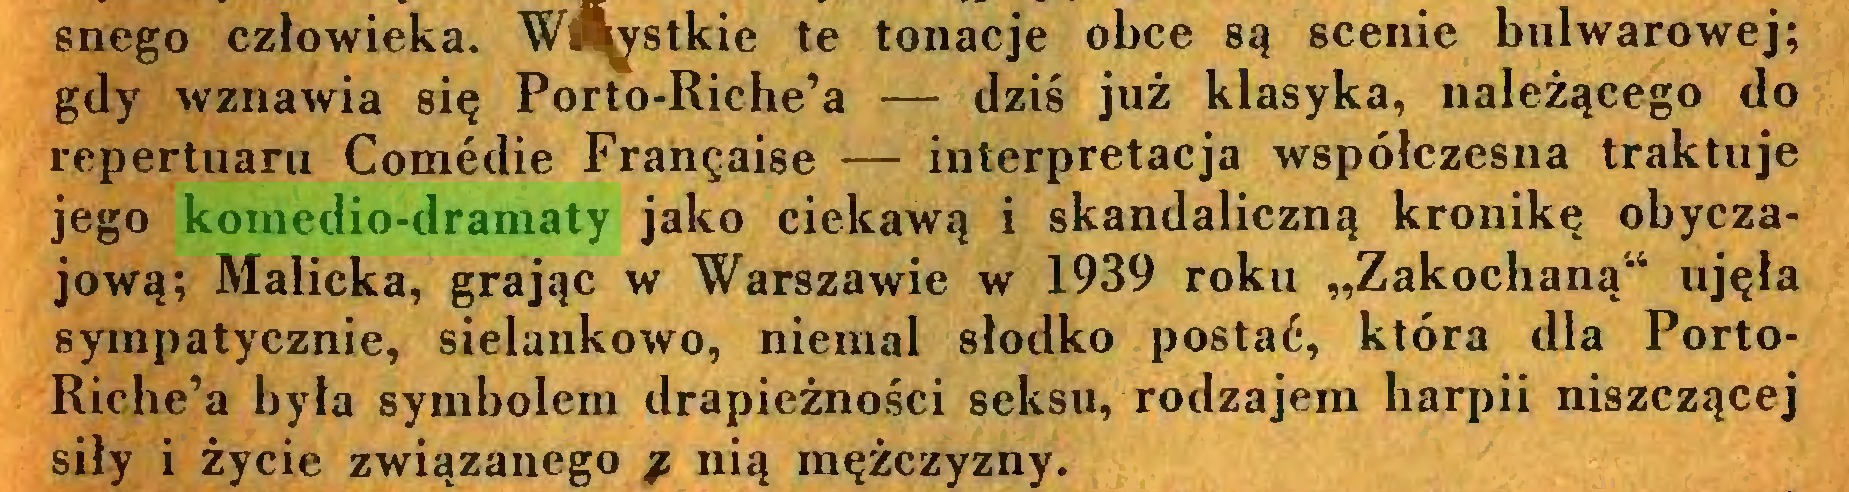 """(...) snego człowieka. Wszystkie te tonacje obce są scenie bulwarowej; gdy wznawia się Porto-Riche'a — dziś już klasyka, należącego do repertuaru Comedie Franęaise — interpretacja współczesna traktuje jego komedio-dramaty jako ciekawą i skandaliczną kronikę obyczajową; Malicka, grając w Warszawie w 1939 roku """"Zakochaną4"""" ujęła sympatycznie, sielankowo, niemal słodko postać, która dla PortoRiche'a była symbolem drapieżności seksu, rodzajem harpii niszczącej siły i życie związanego / nią mężczyzny..."""